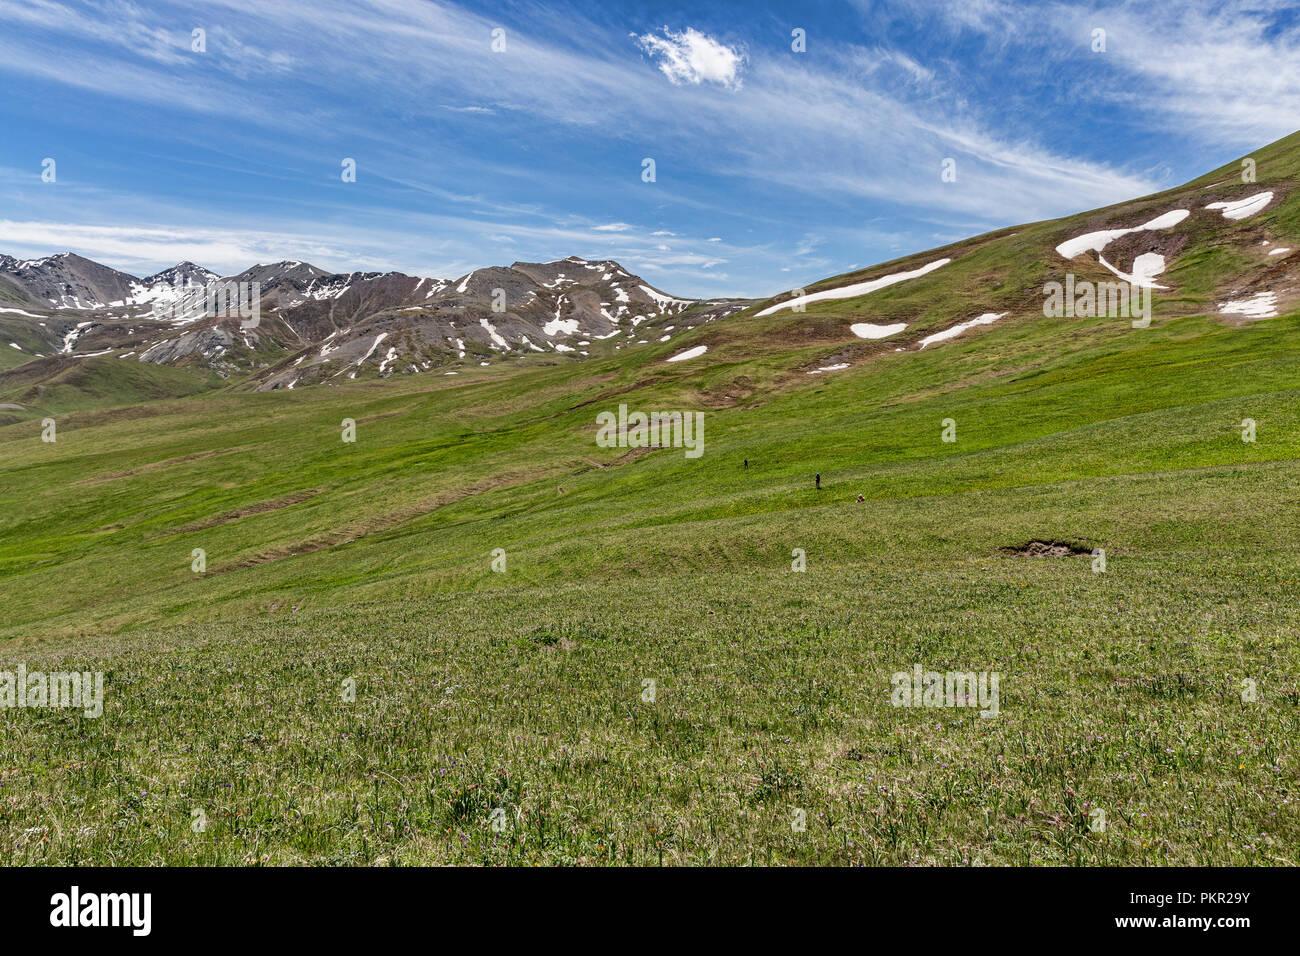 Trekker kreuz Höhe Weide mit quellgebiet Becken für das Uch Kashka Tal im Hintergrund, Keskenkyia Loop trek, Jyrgalan, Kirgisistan Stockbild